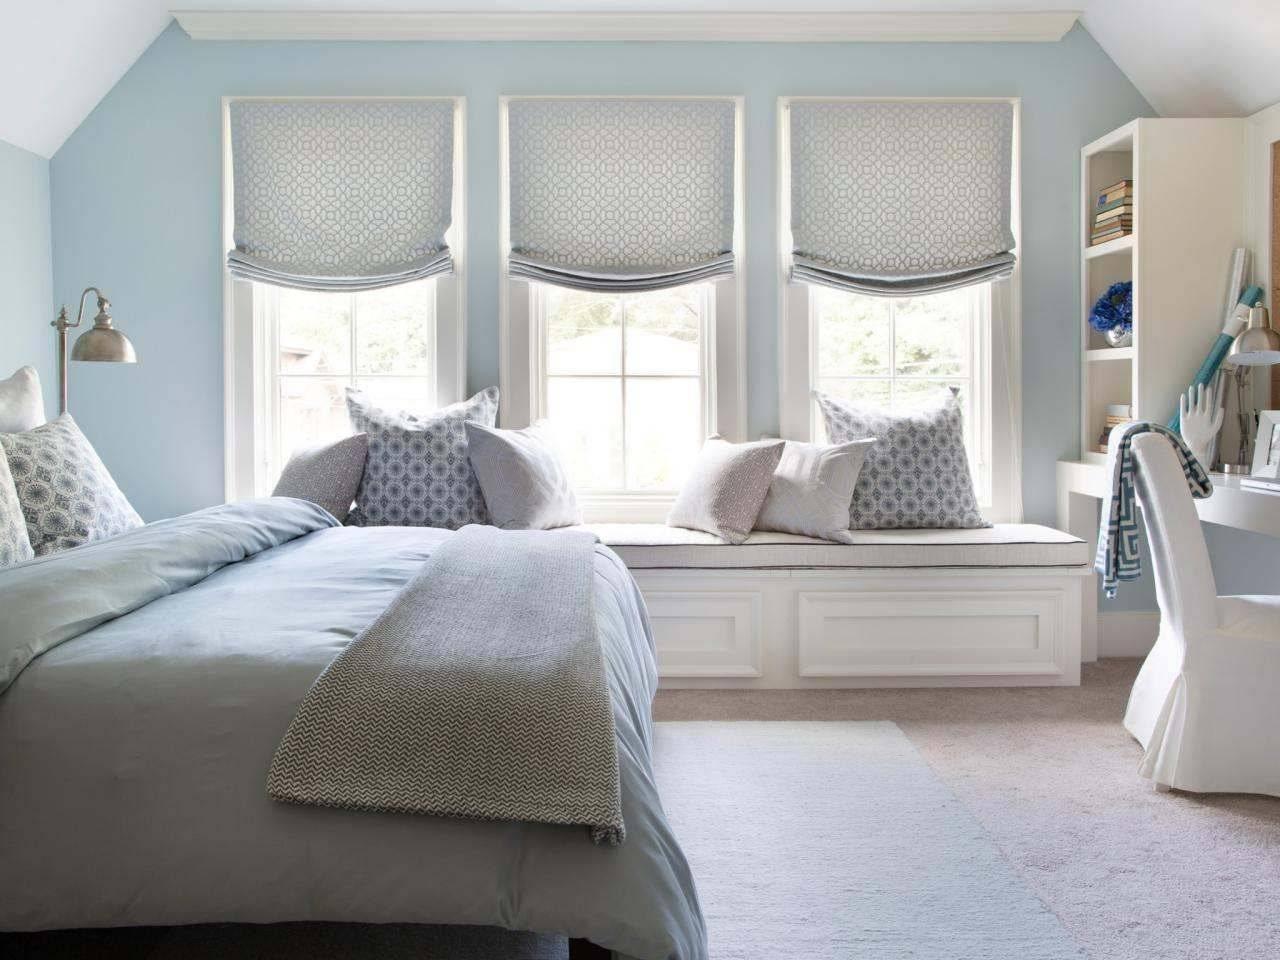 Спальня со светлой мебелью - 70 фото идей дизайна в светлых тонах